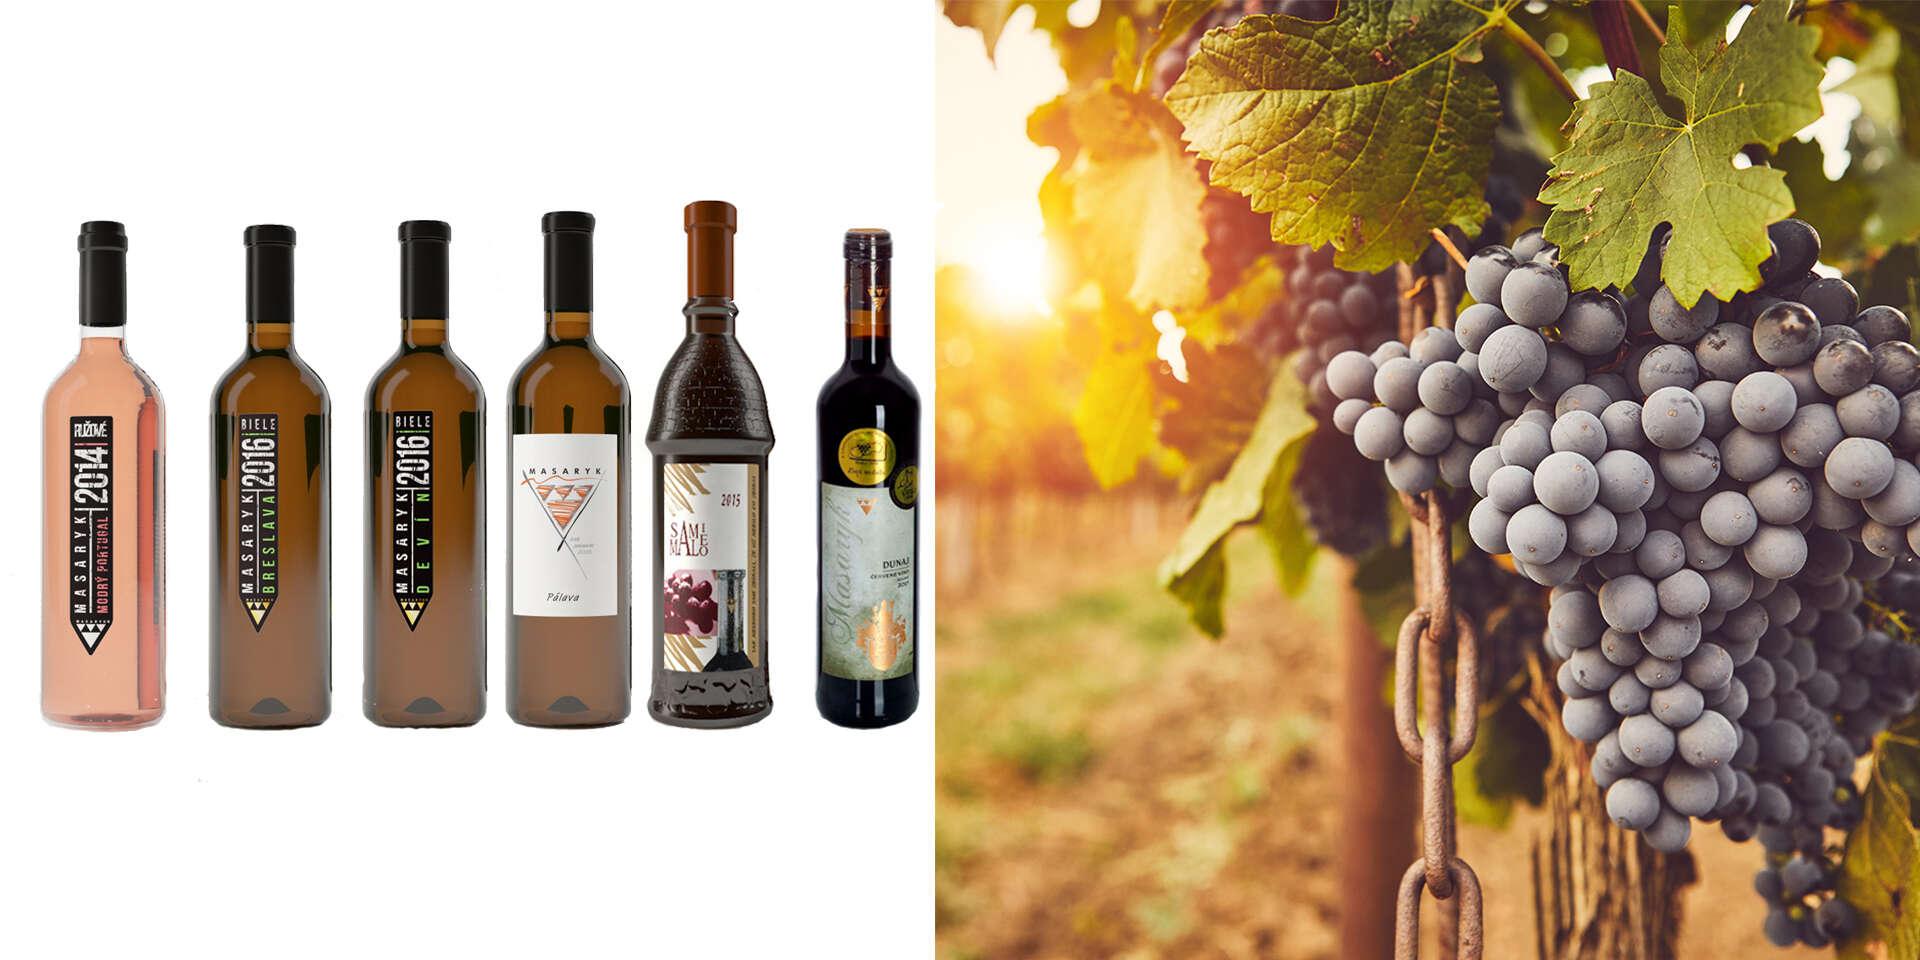 Balenie 6 kusov kvalitných vín Masaryk - bez chemikálií a rôznych prímesí